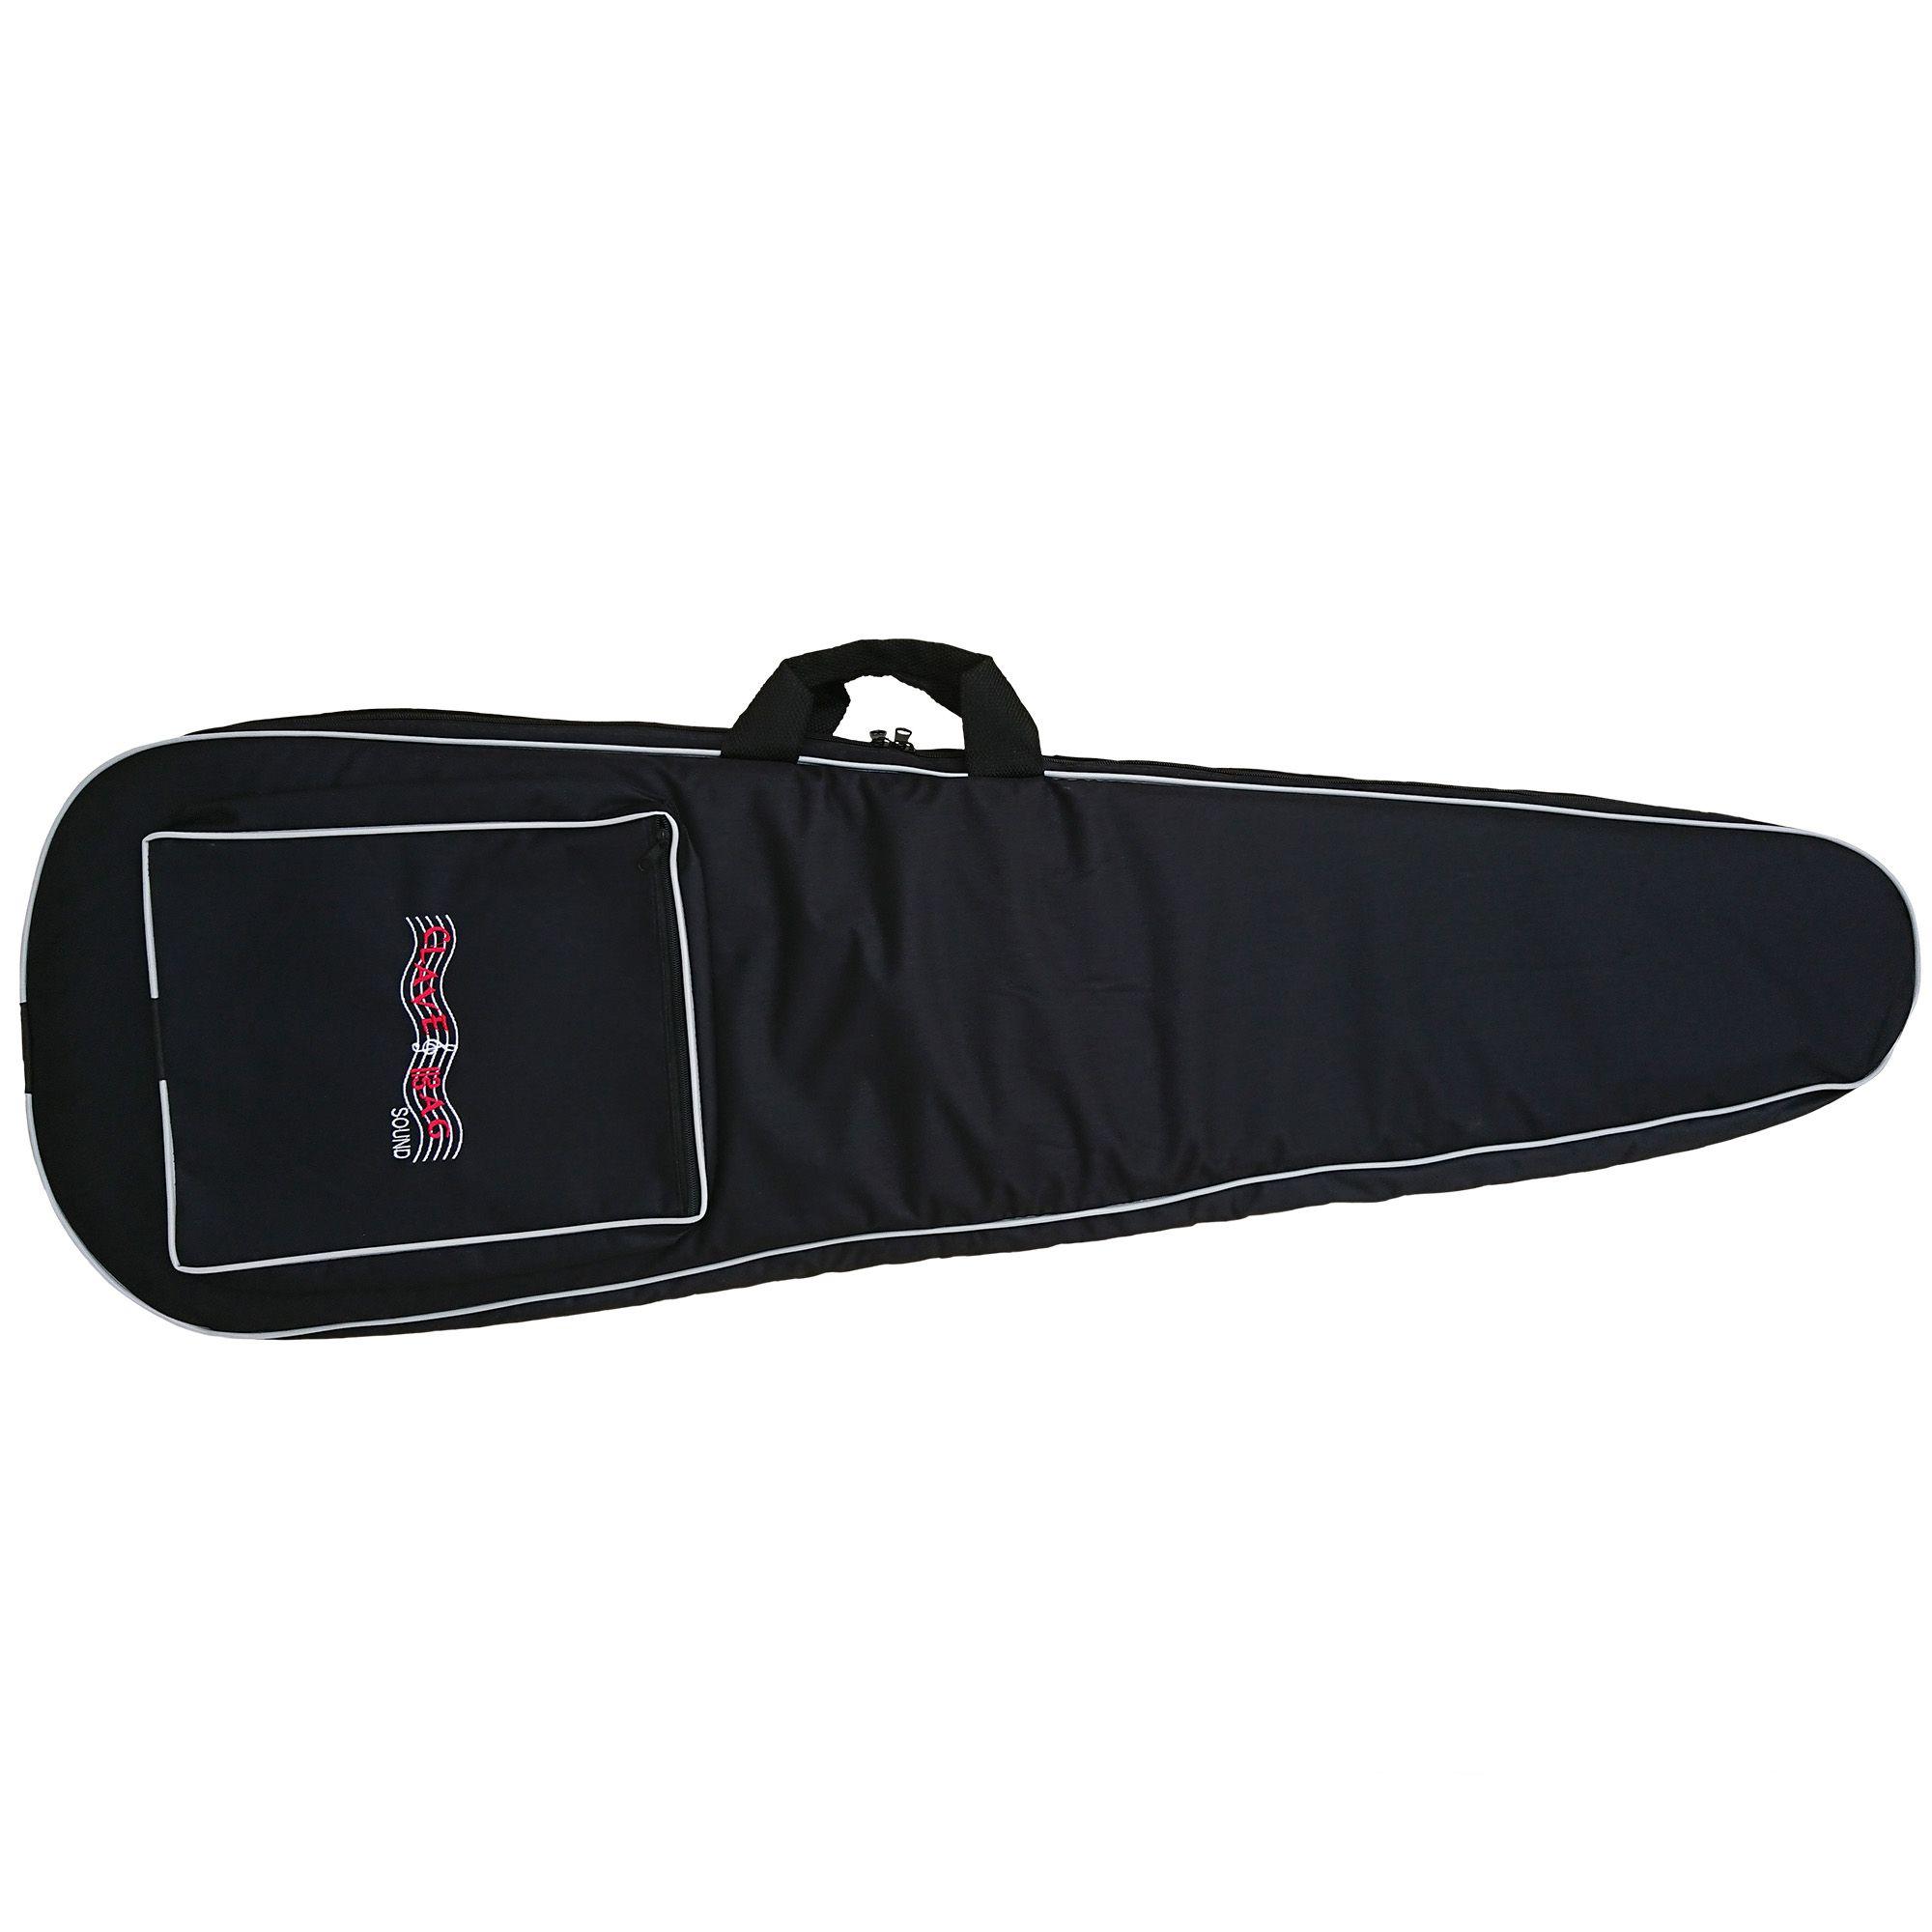 Capa Bag para Guitarra Semi Case Gold CLAVE & BAG. Totalmente acolchoada, alça de mão e de mochila. EX 507